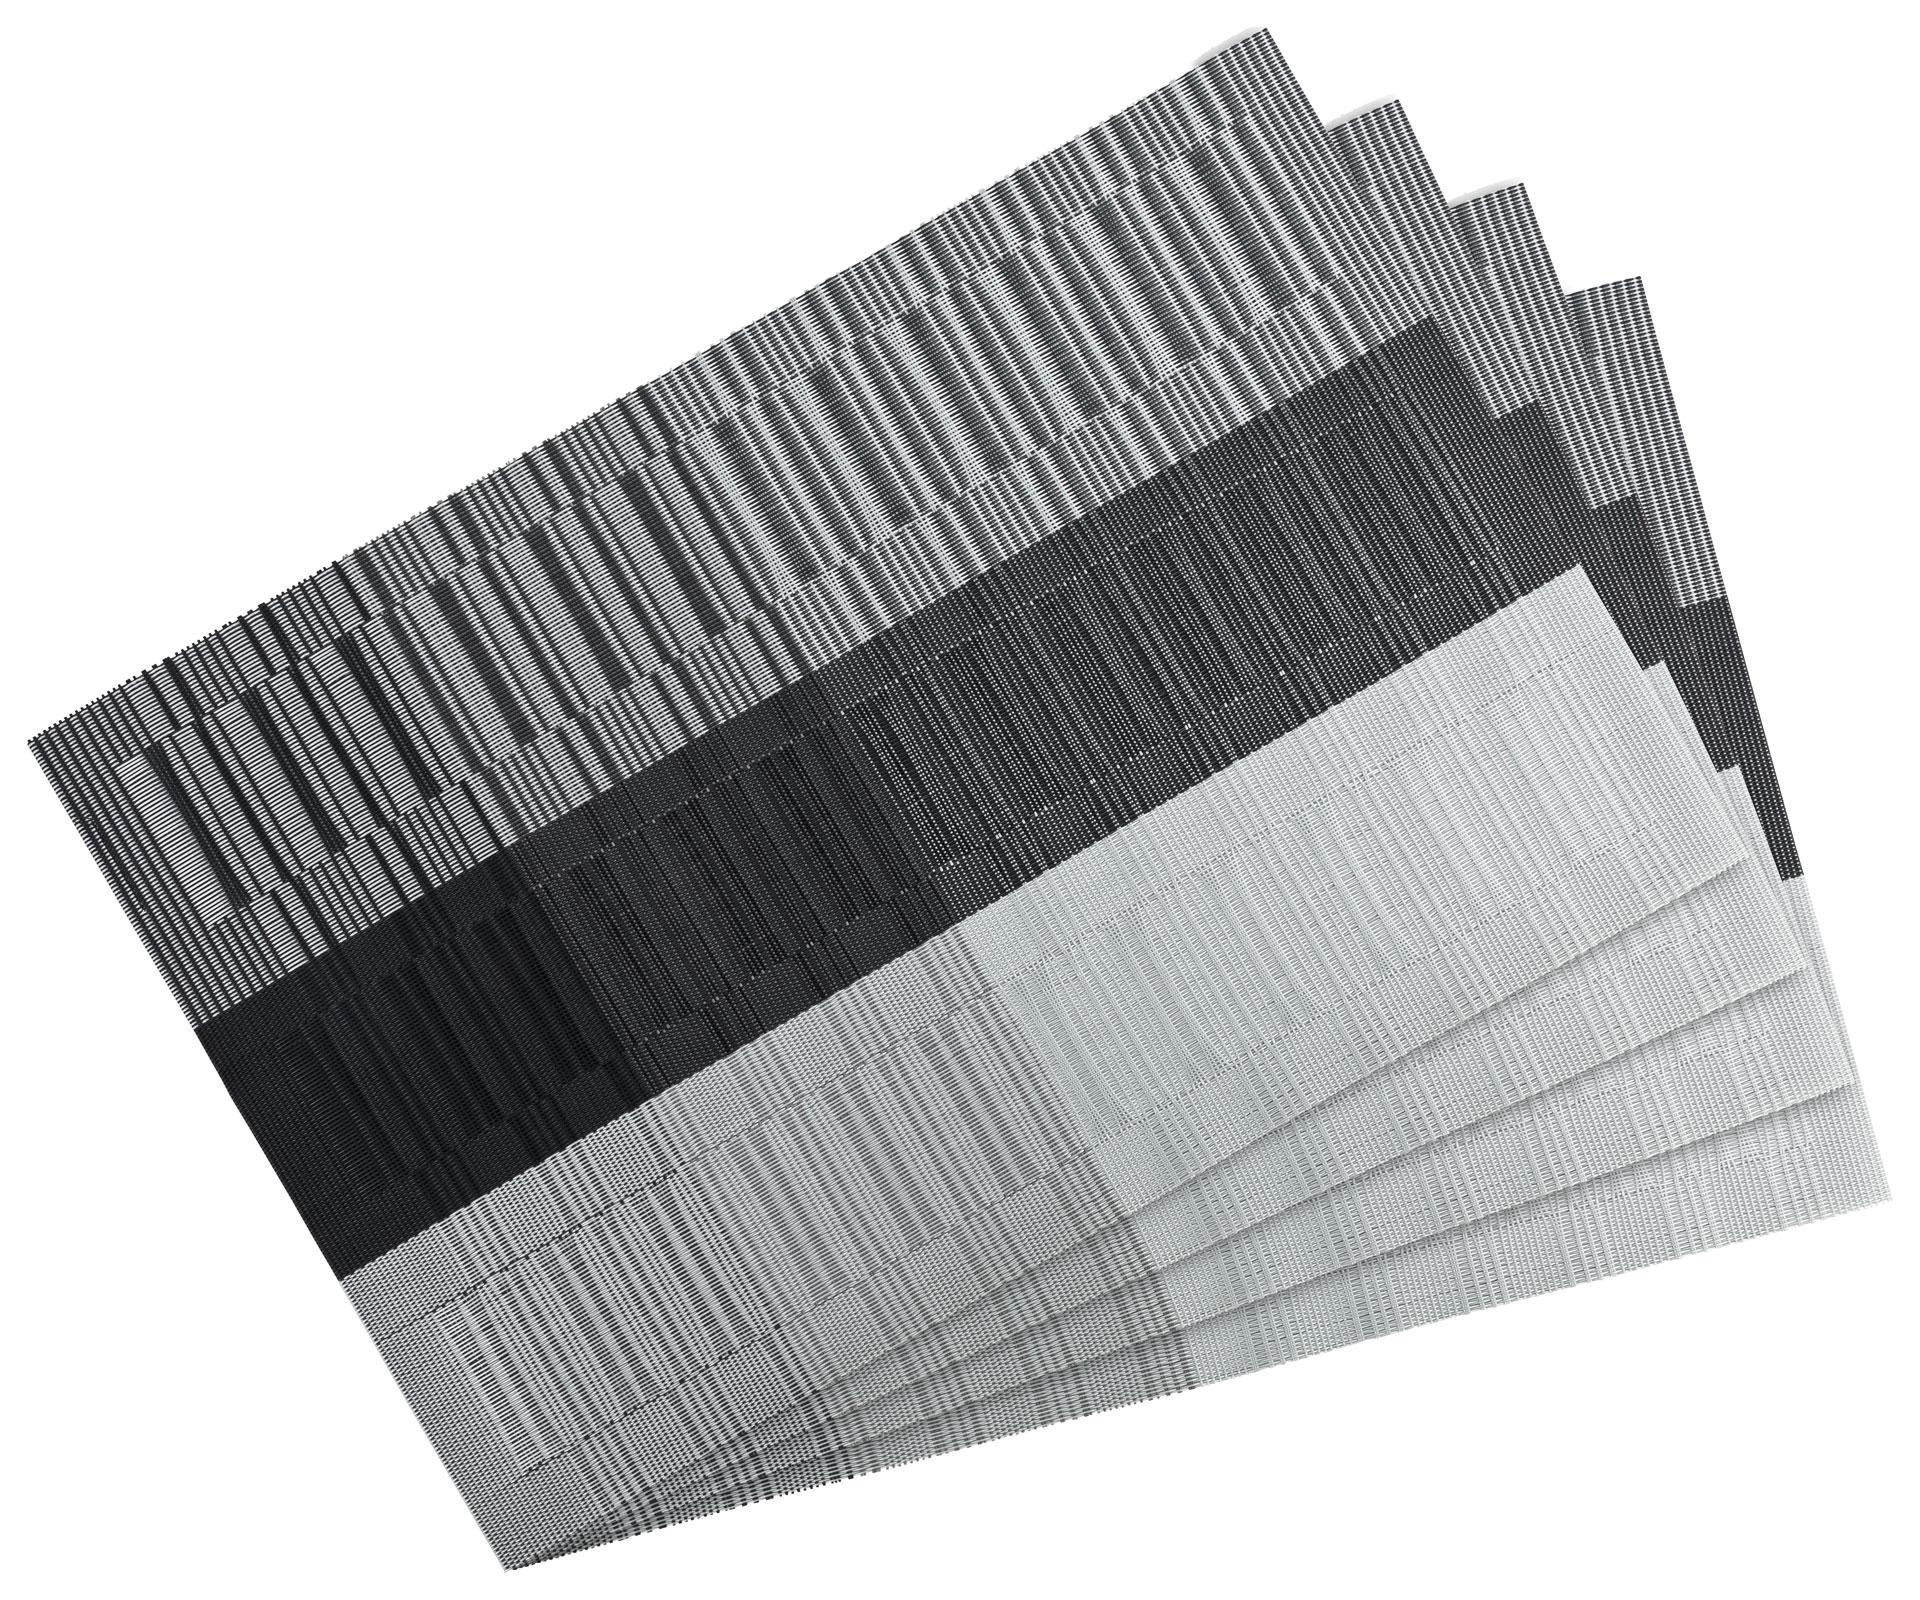 Küchentextilien - 4er Pack Platzset Tischset 30x45cm waschbar und hitzebeständig Streifen grau  - Onlineshop PremiumShop321